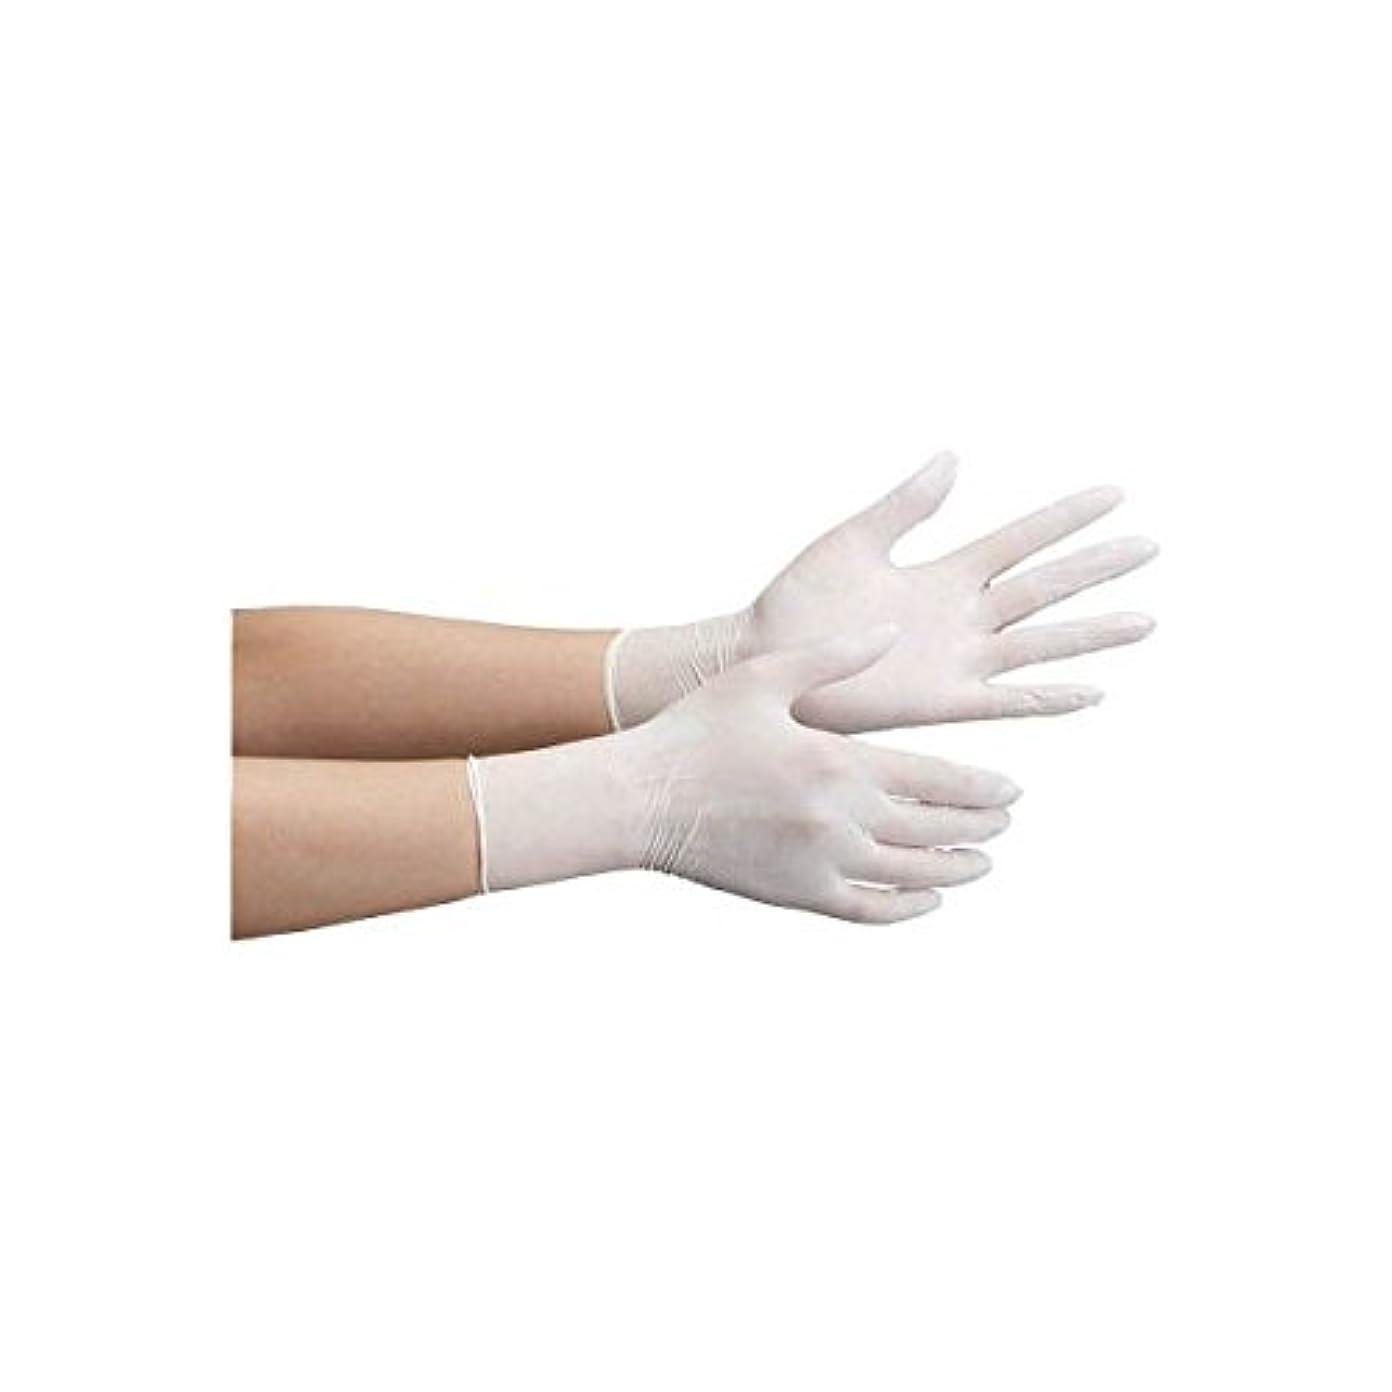 パーチナシティあいまい嘆願ミドリ安全/ミドリ安全 ニトリル使い捨て手袋 極薄 粉なし 100枚入 白 SS(3889106) VERTE-711-SS [その他]